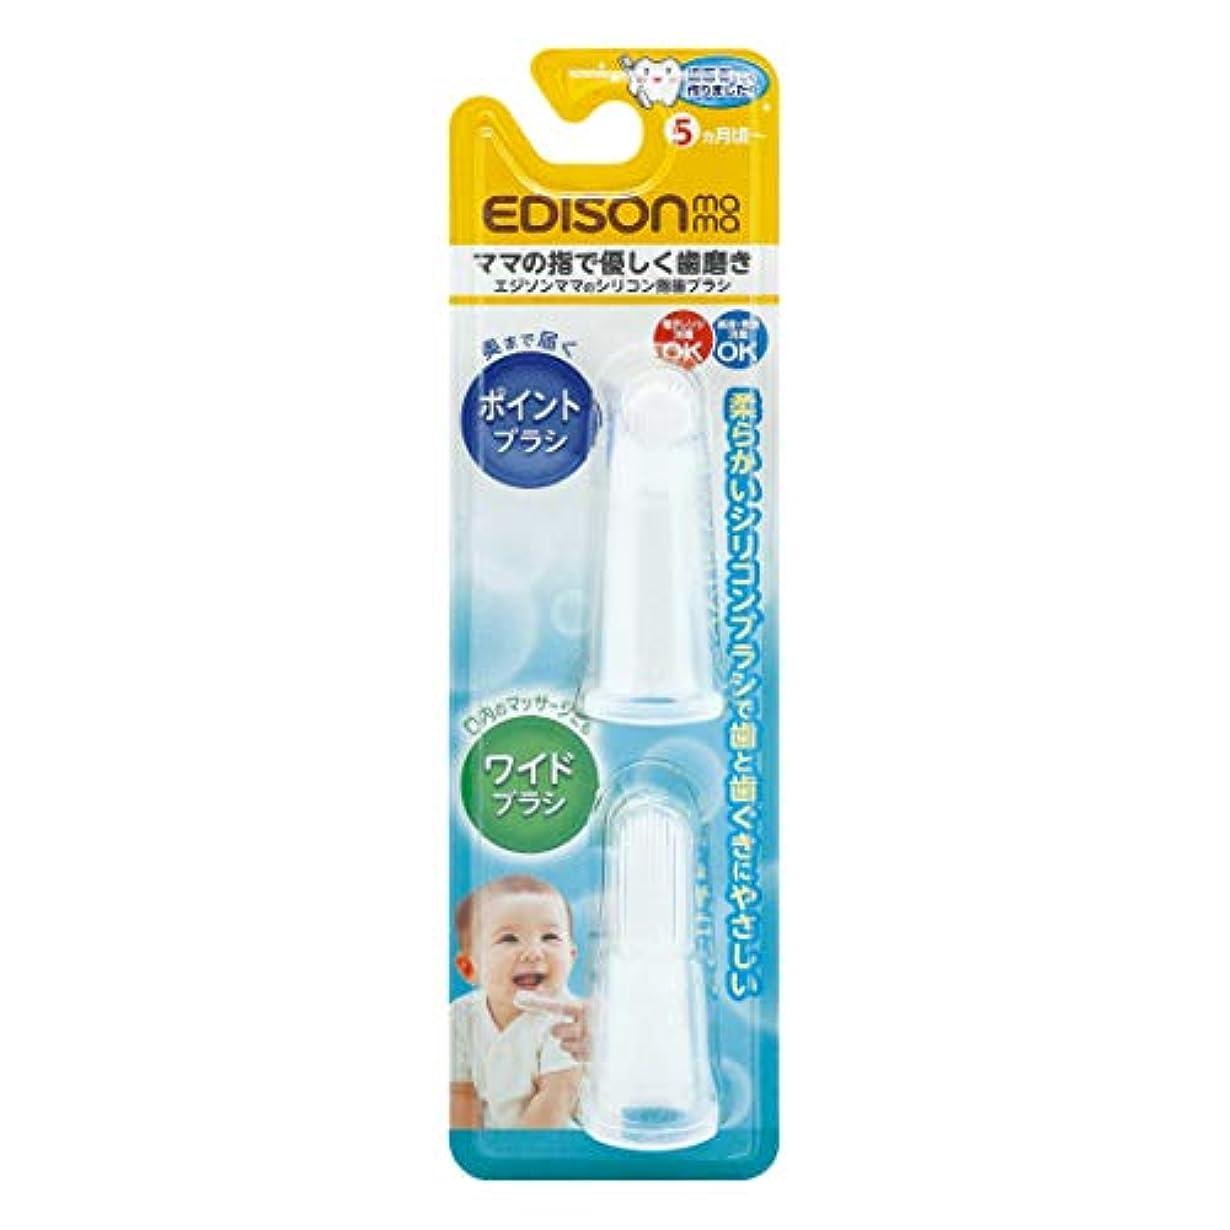 反毒ゴミ滑りやすいKJC エジソンママ (EDISONmama) シリコン指歯ブラシ 5ヶ月頃から対象